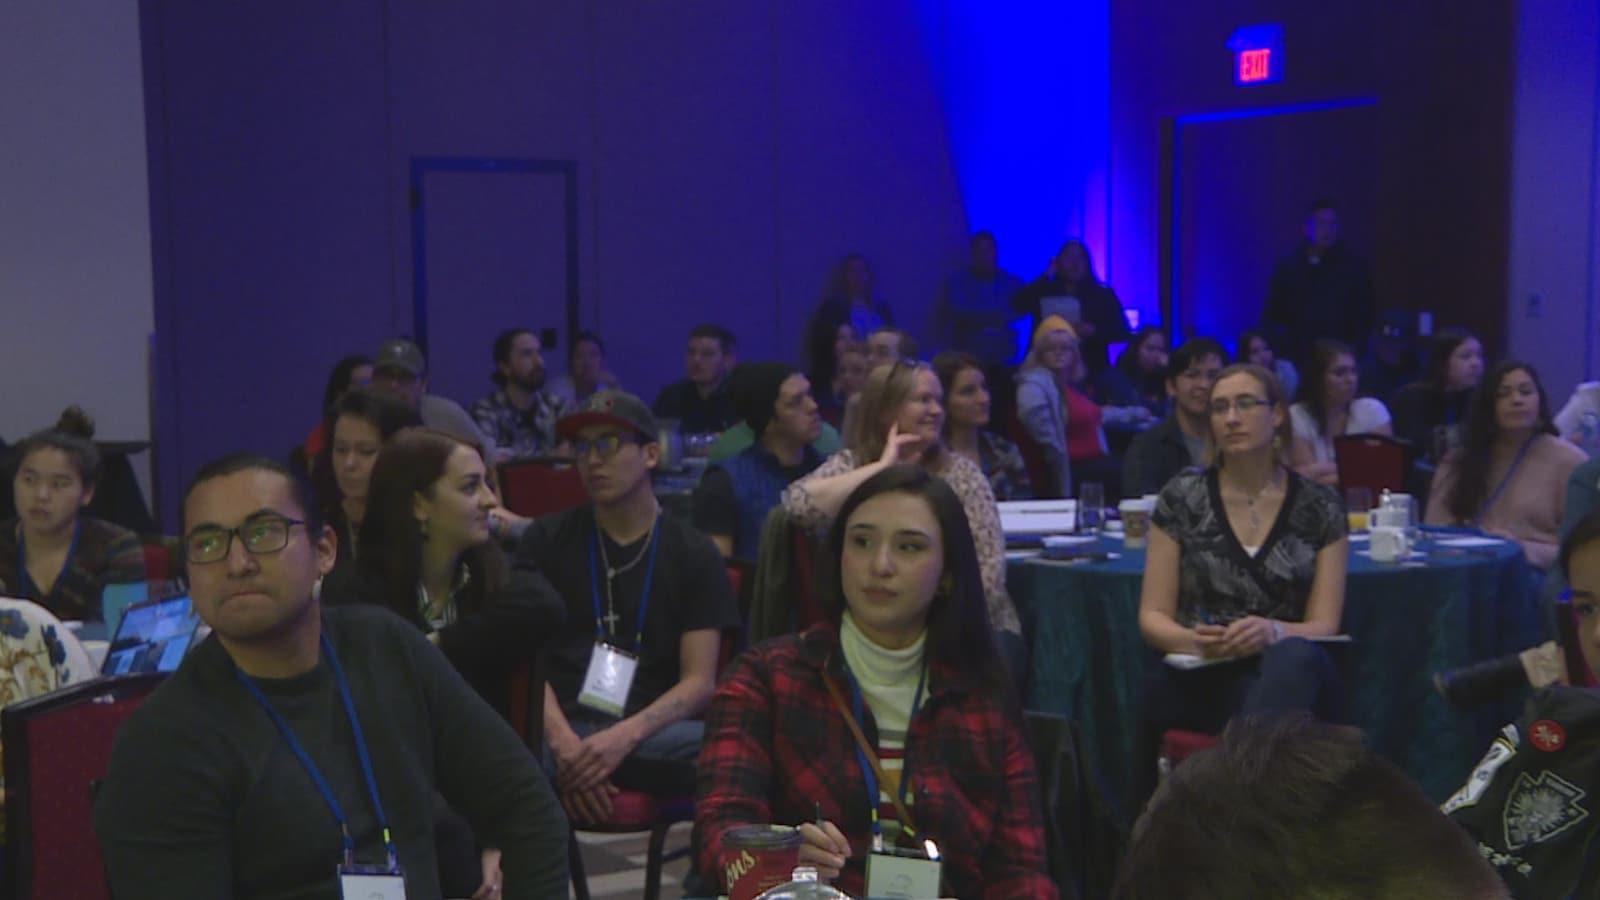 De jeunes Autochtones assistent à une conférence dans un hôtel de Calgary.